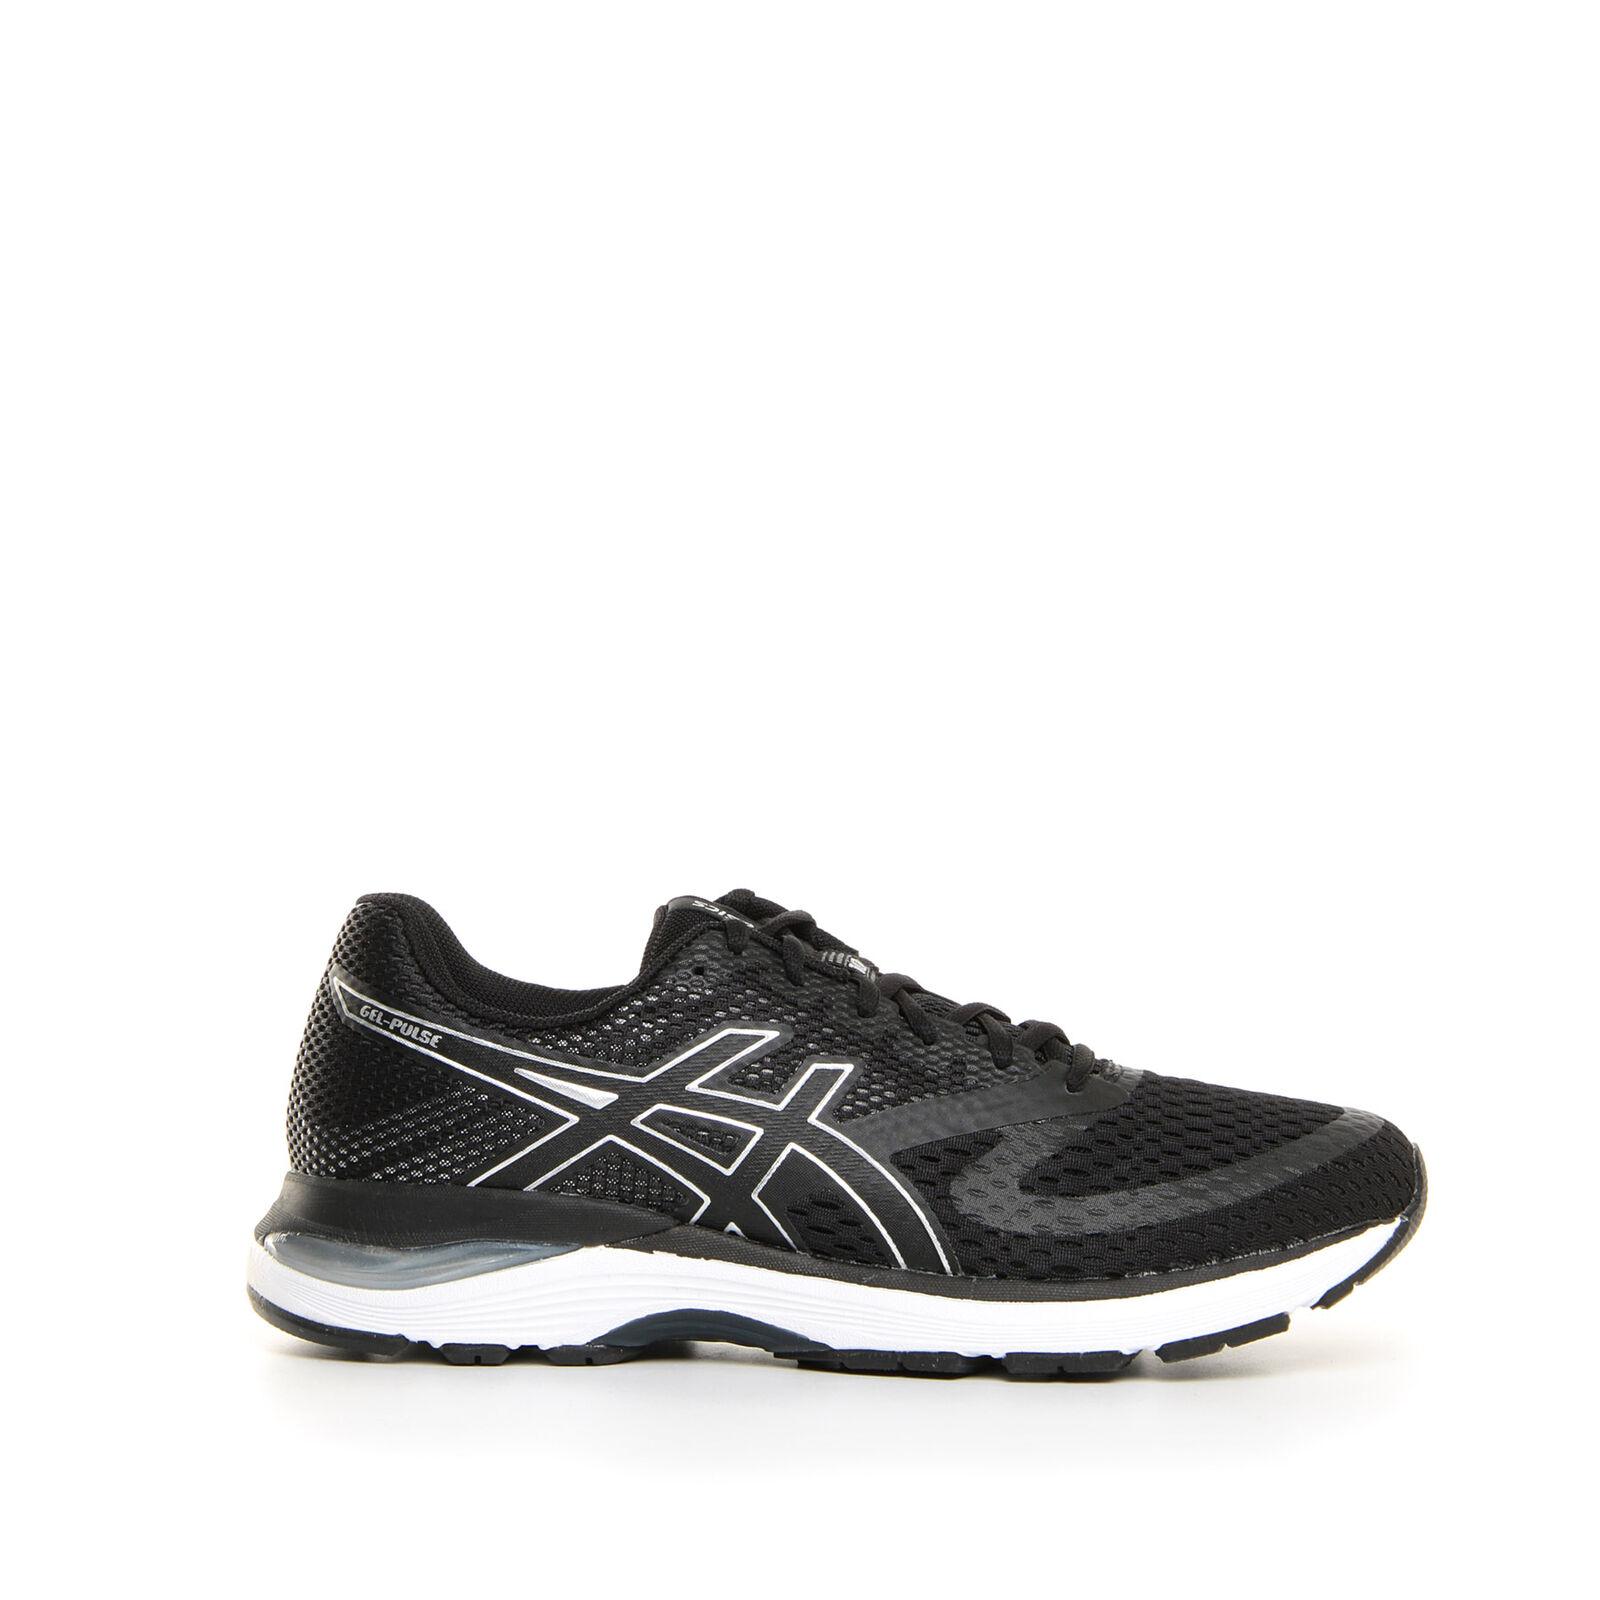 ASICS GEL PULSE PULSE GEL 10 Schuhe RUNNING UOMO 1011A007 002 6de83b